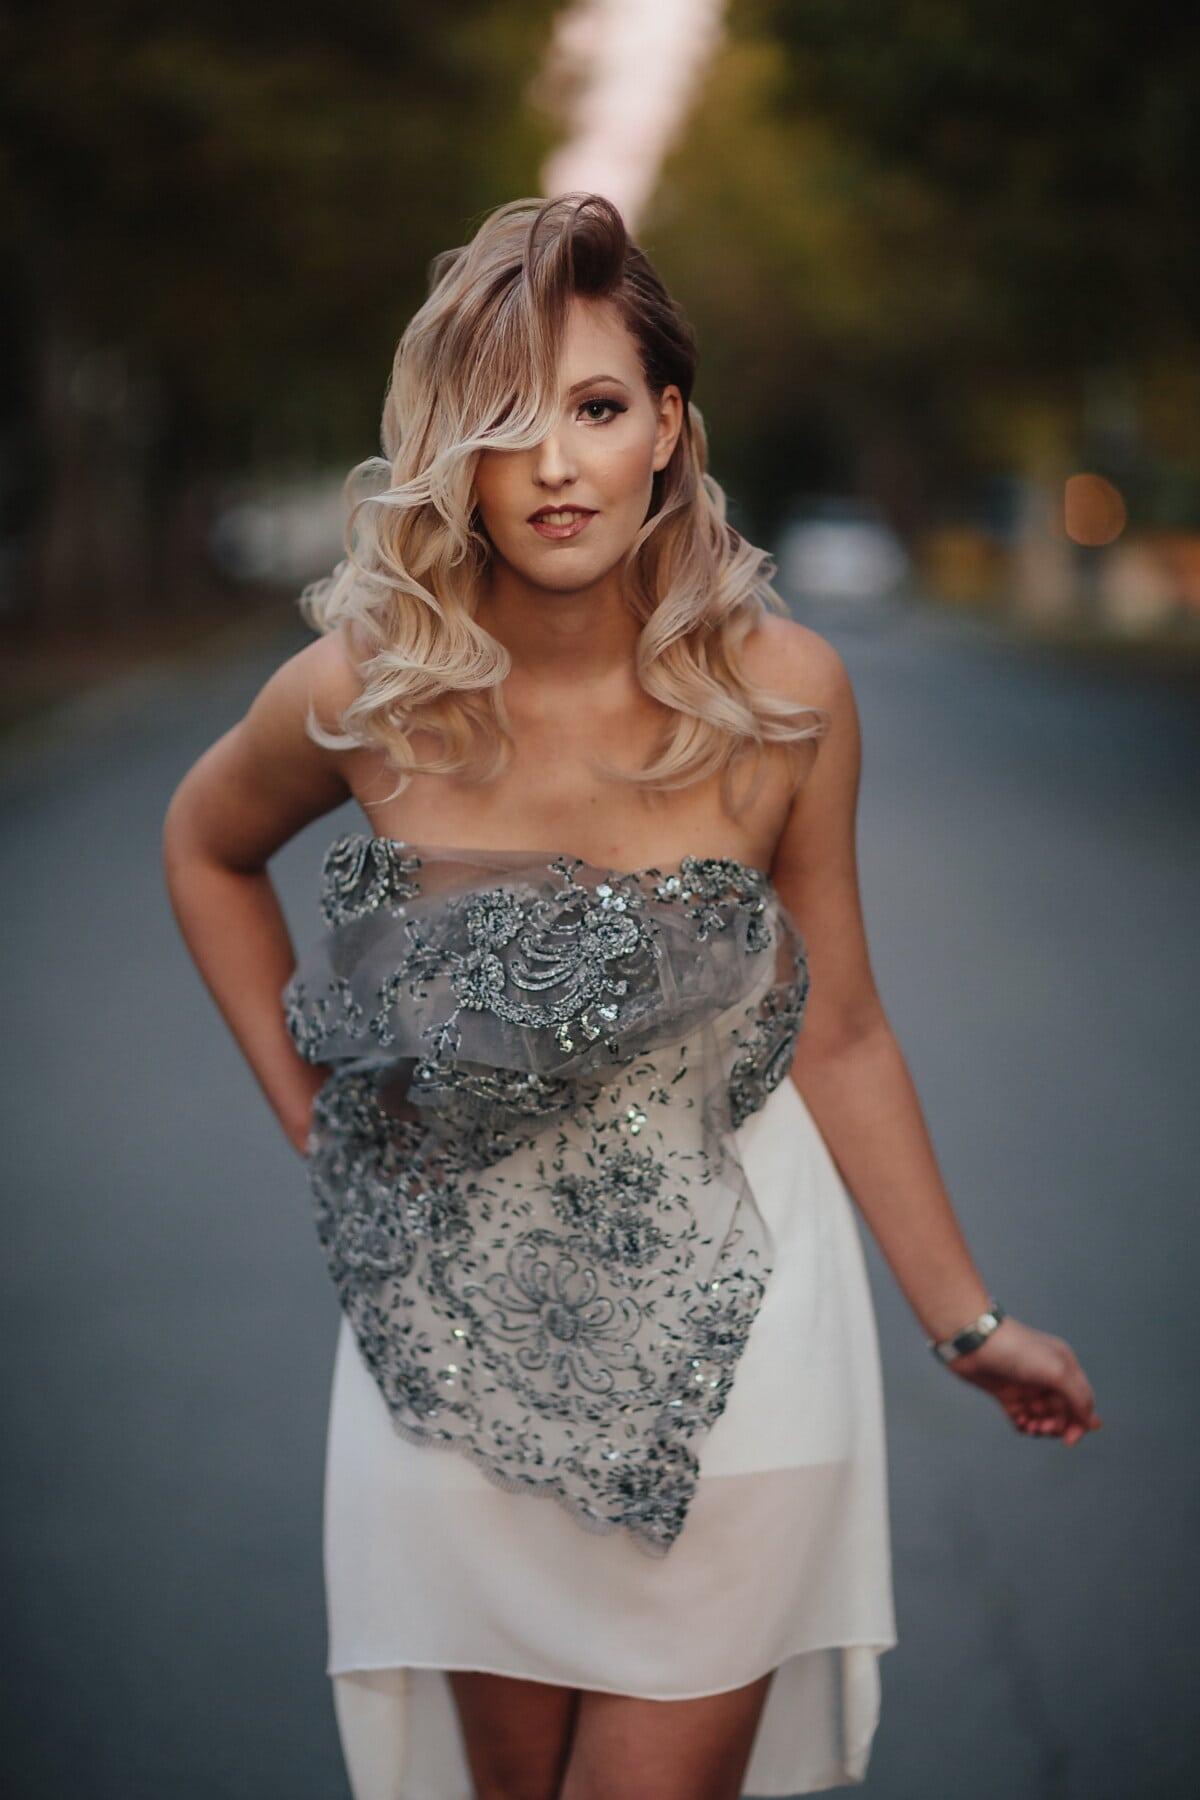 魅力, 漂亮女孩, 金色头发, 走, 城市, 沥青, 路, 时尚, 穿衣服, 女人